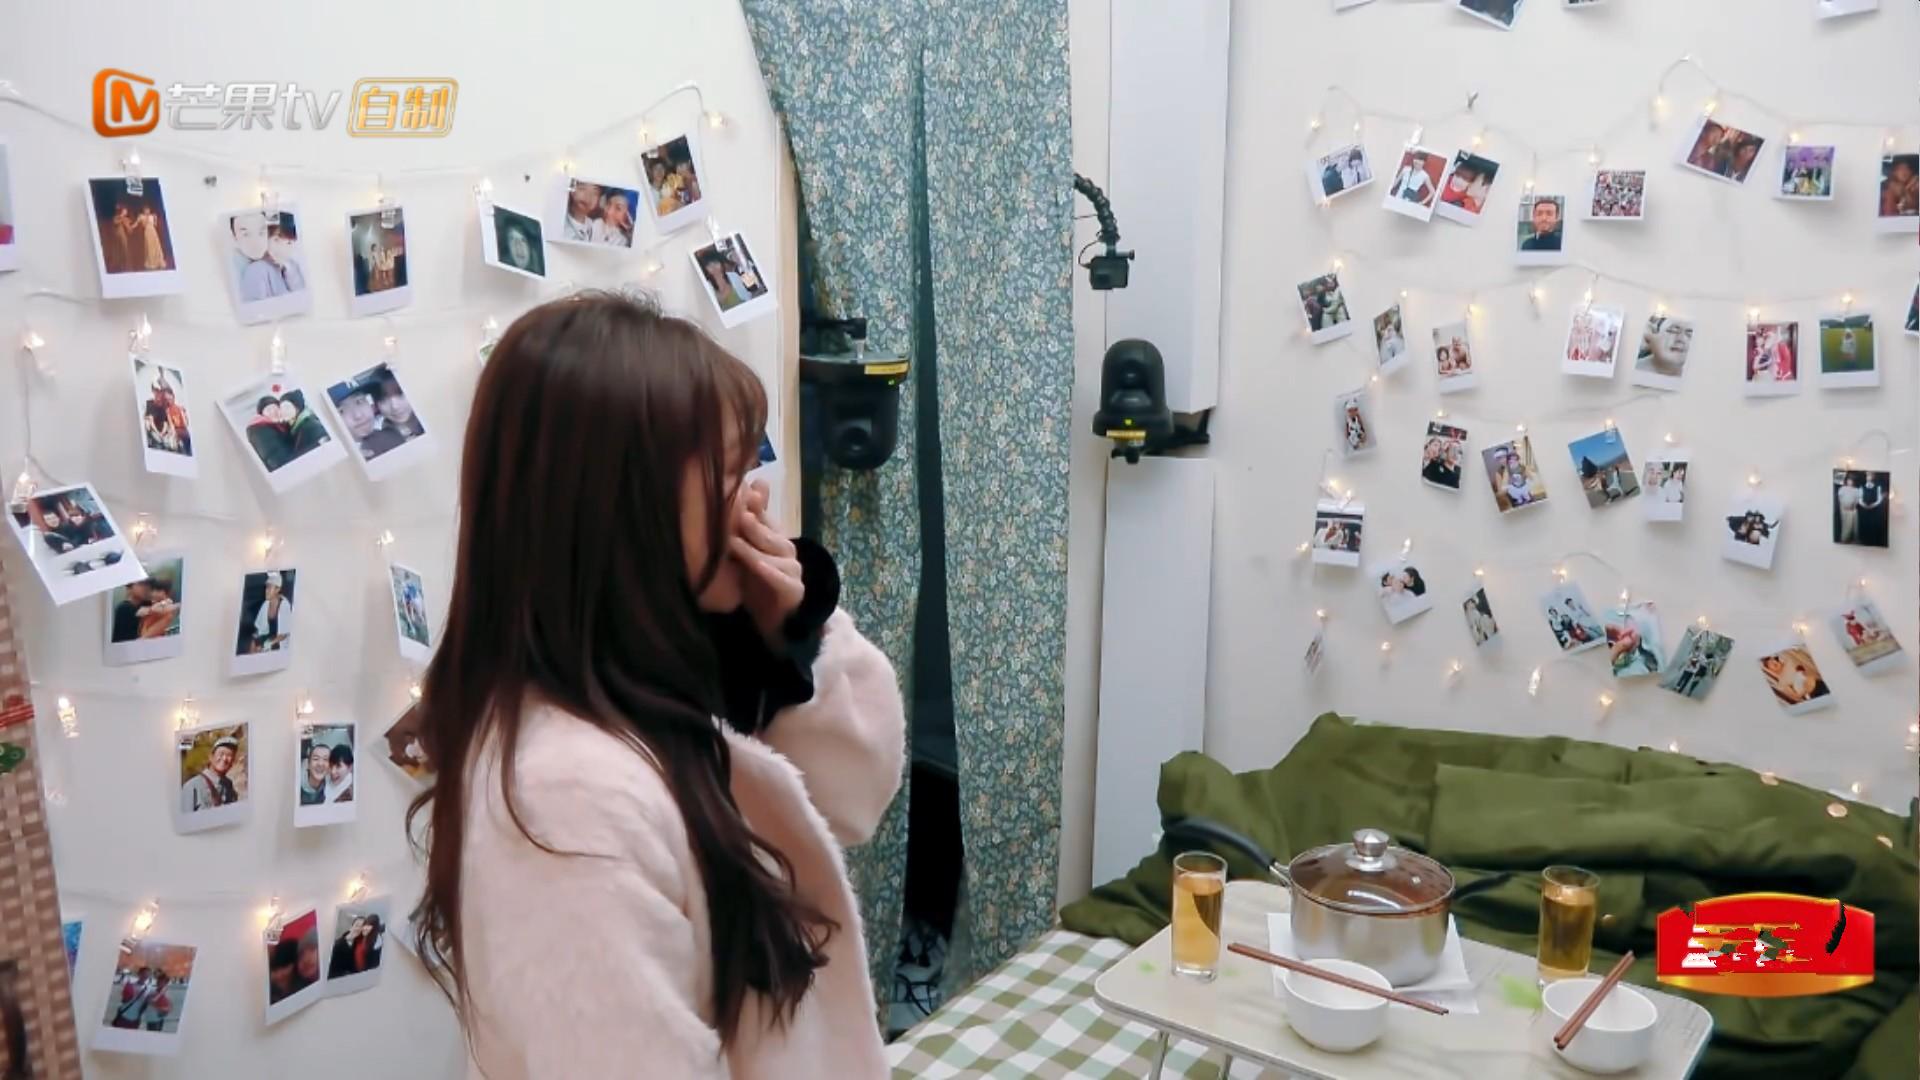 《妻子的浪漫旅行2》开播霸榜热搜  张嘉倪买超情话甜翻众网友